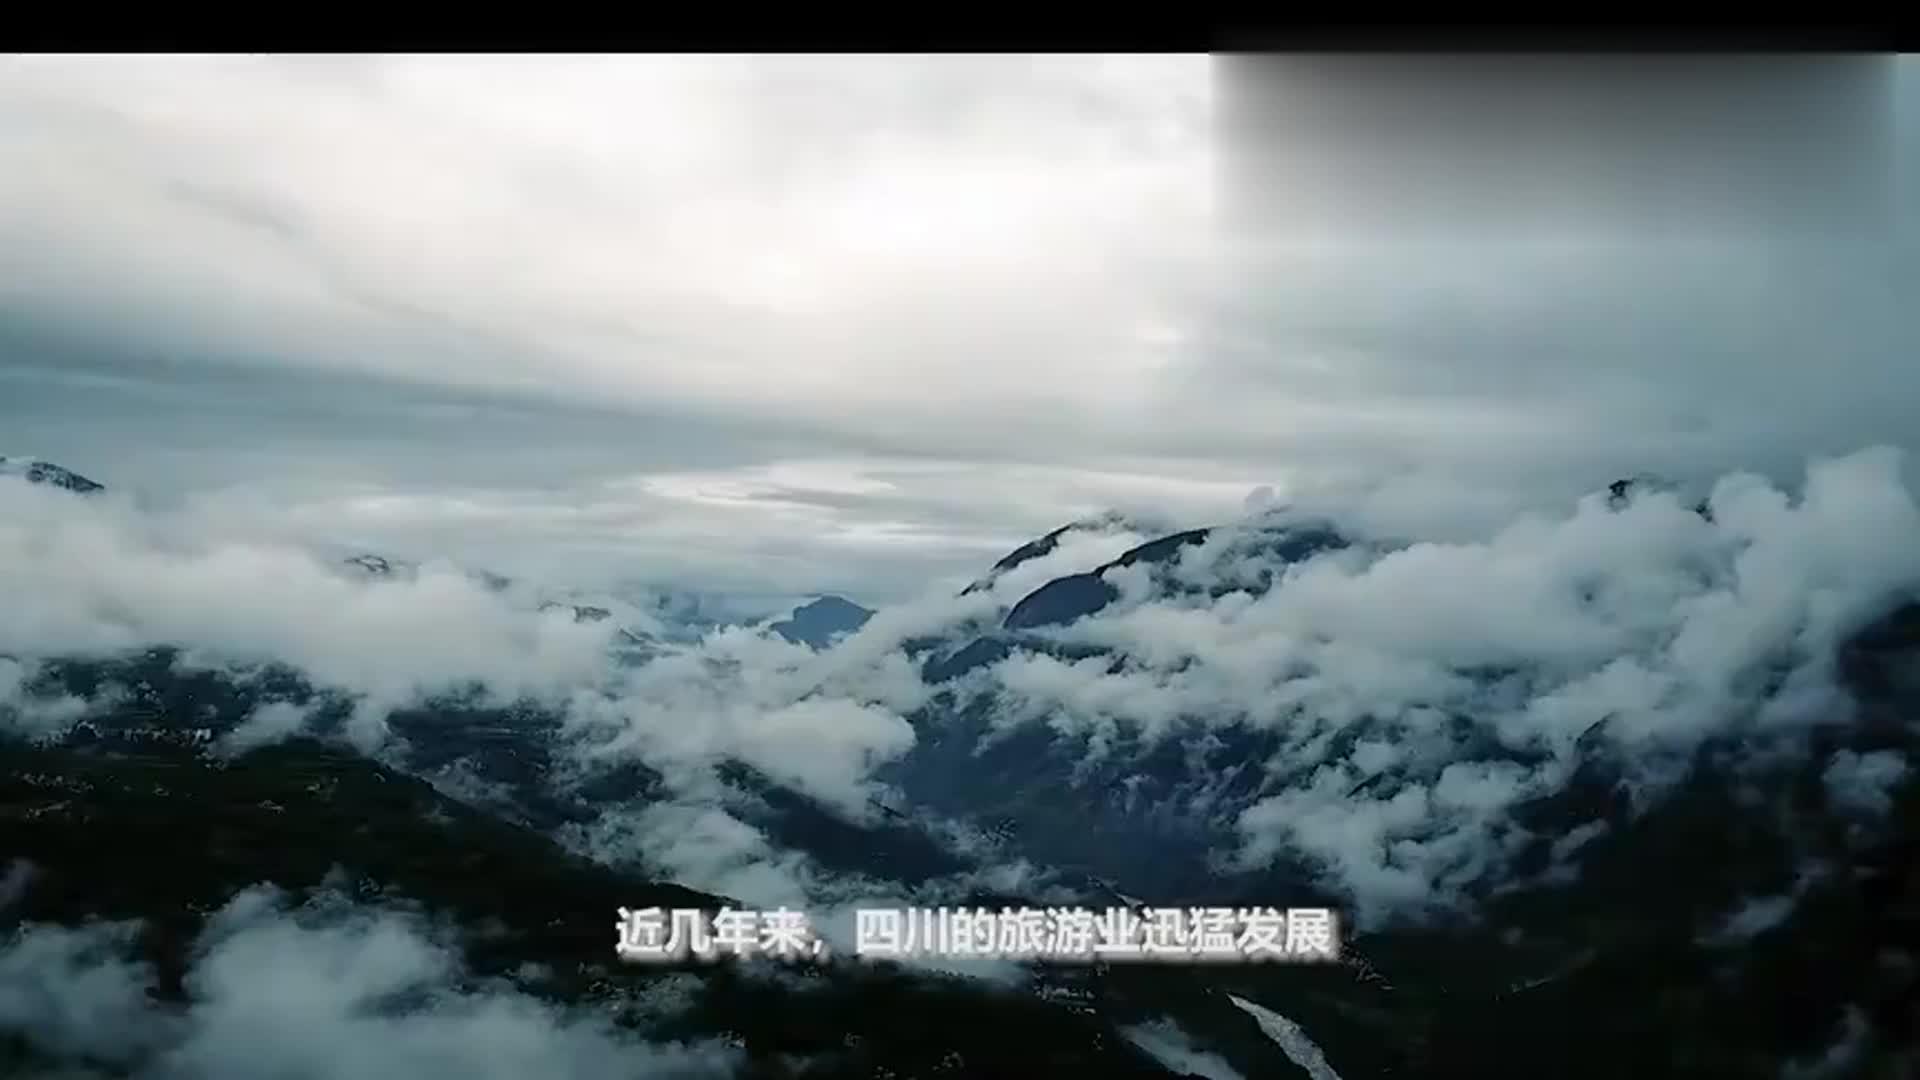 网评四川最美的五大旅行地,稻城亚丁只排最后!第二名没听说过!